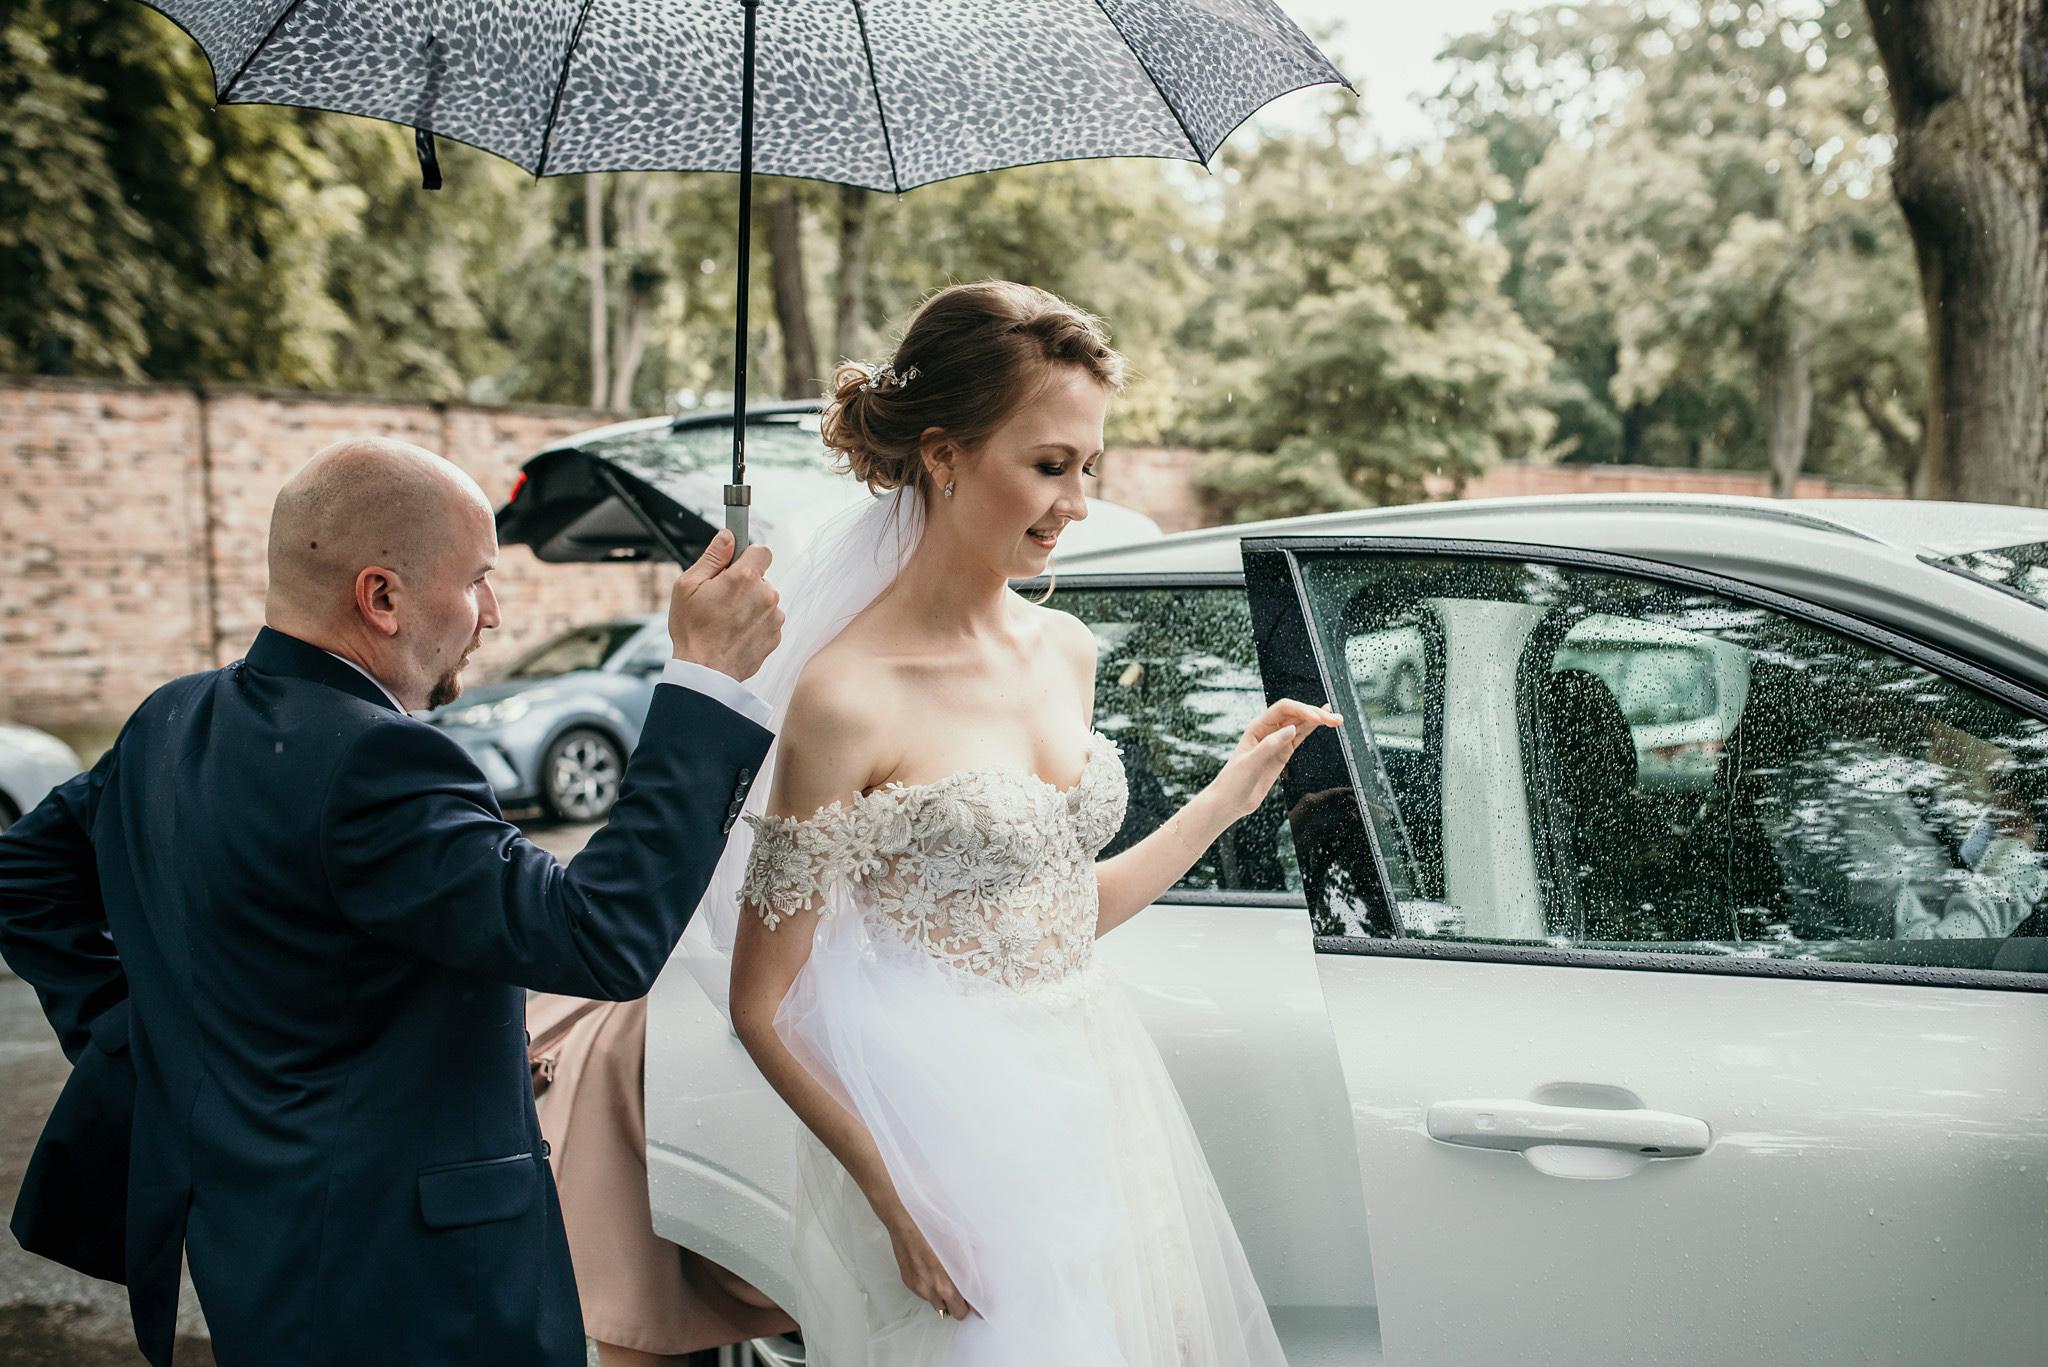 deszcze w dniu ślubu